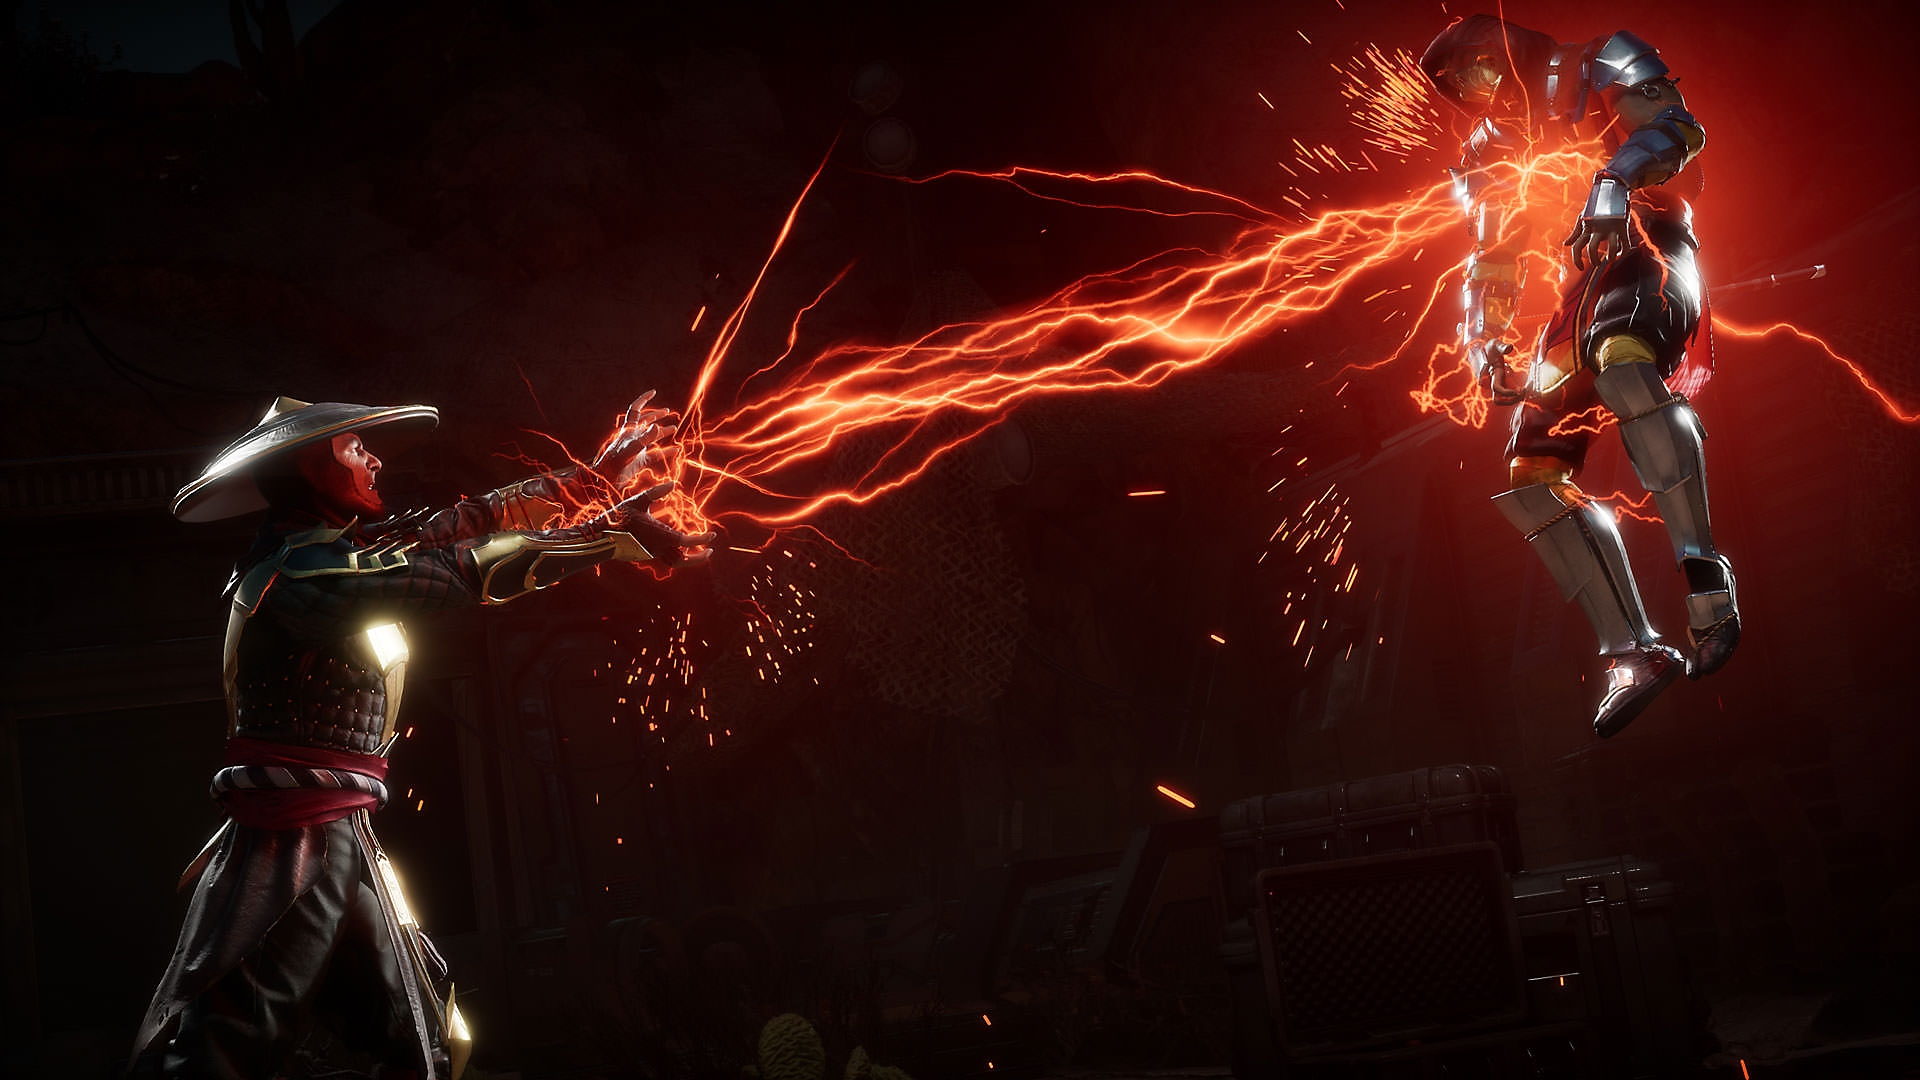 Mortal Kombat 11 Ultimate - Launch Trailer | PS5